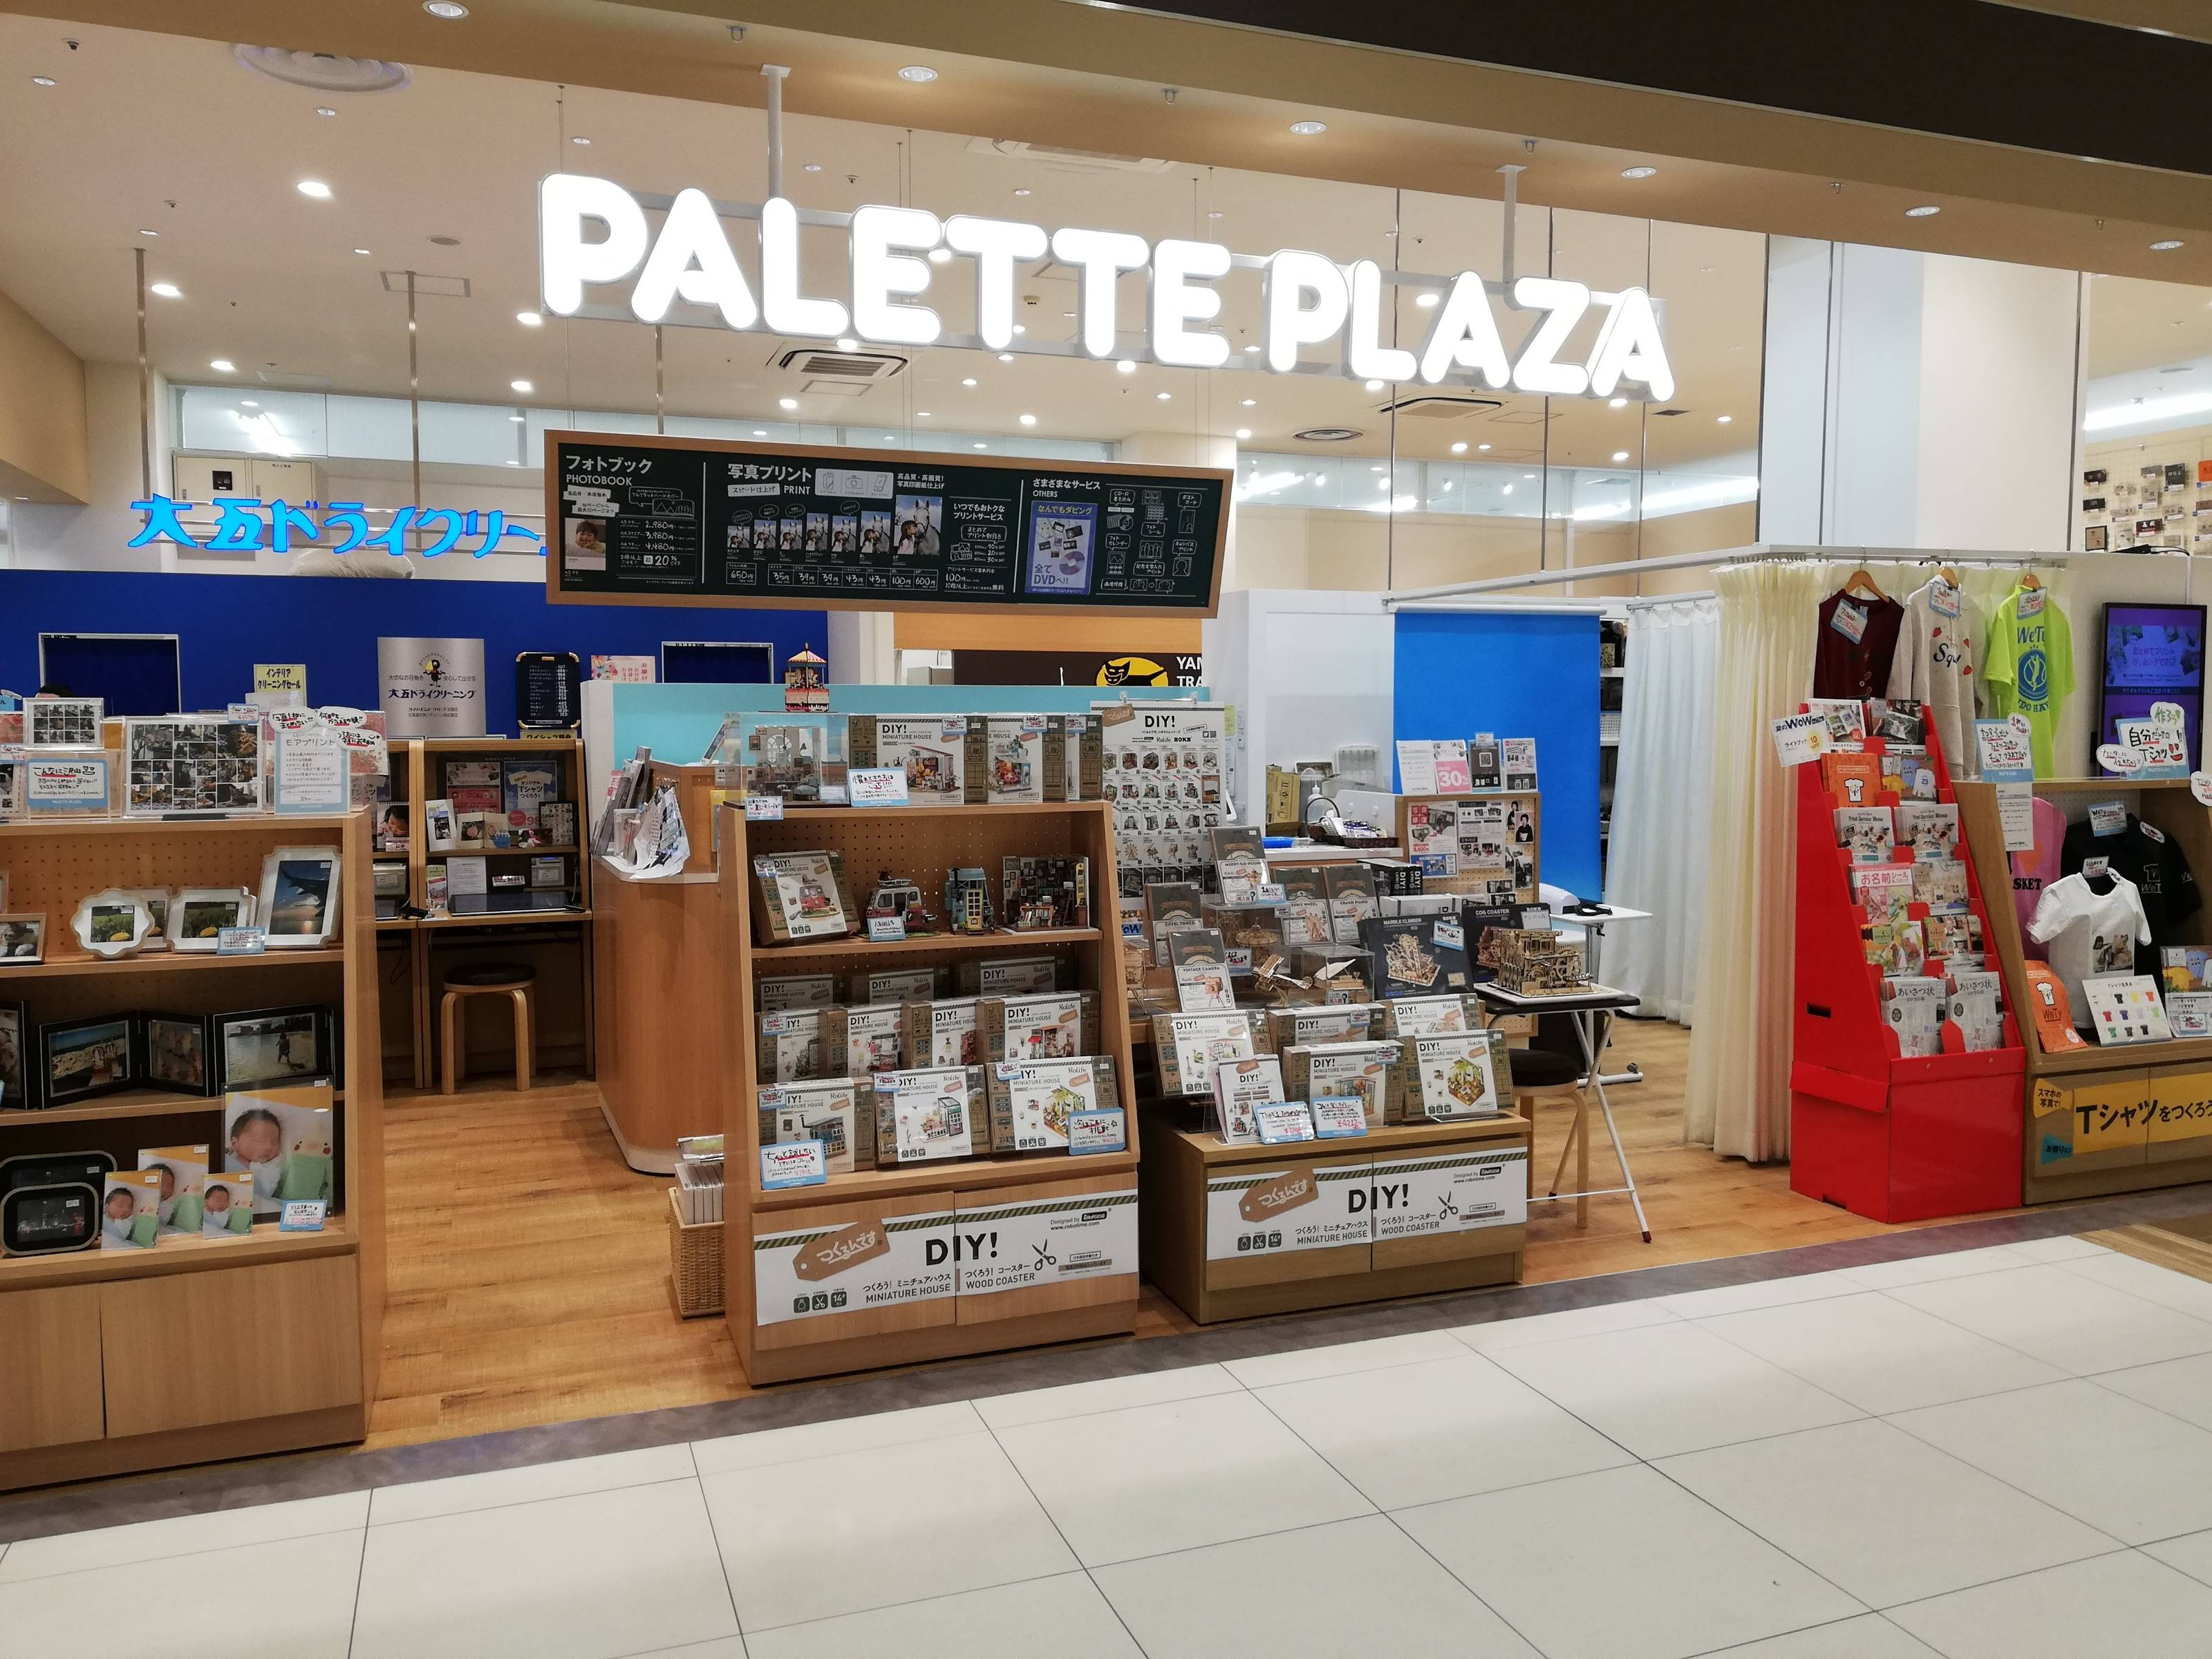 パレットプラザ ビッグハウスエクストラ店